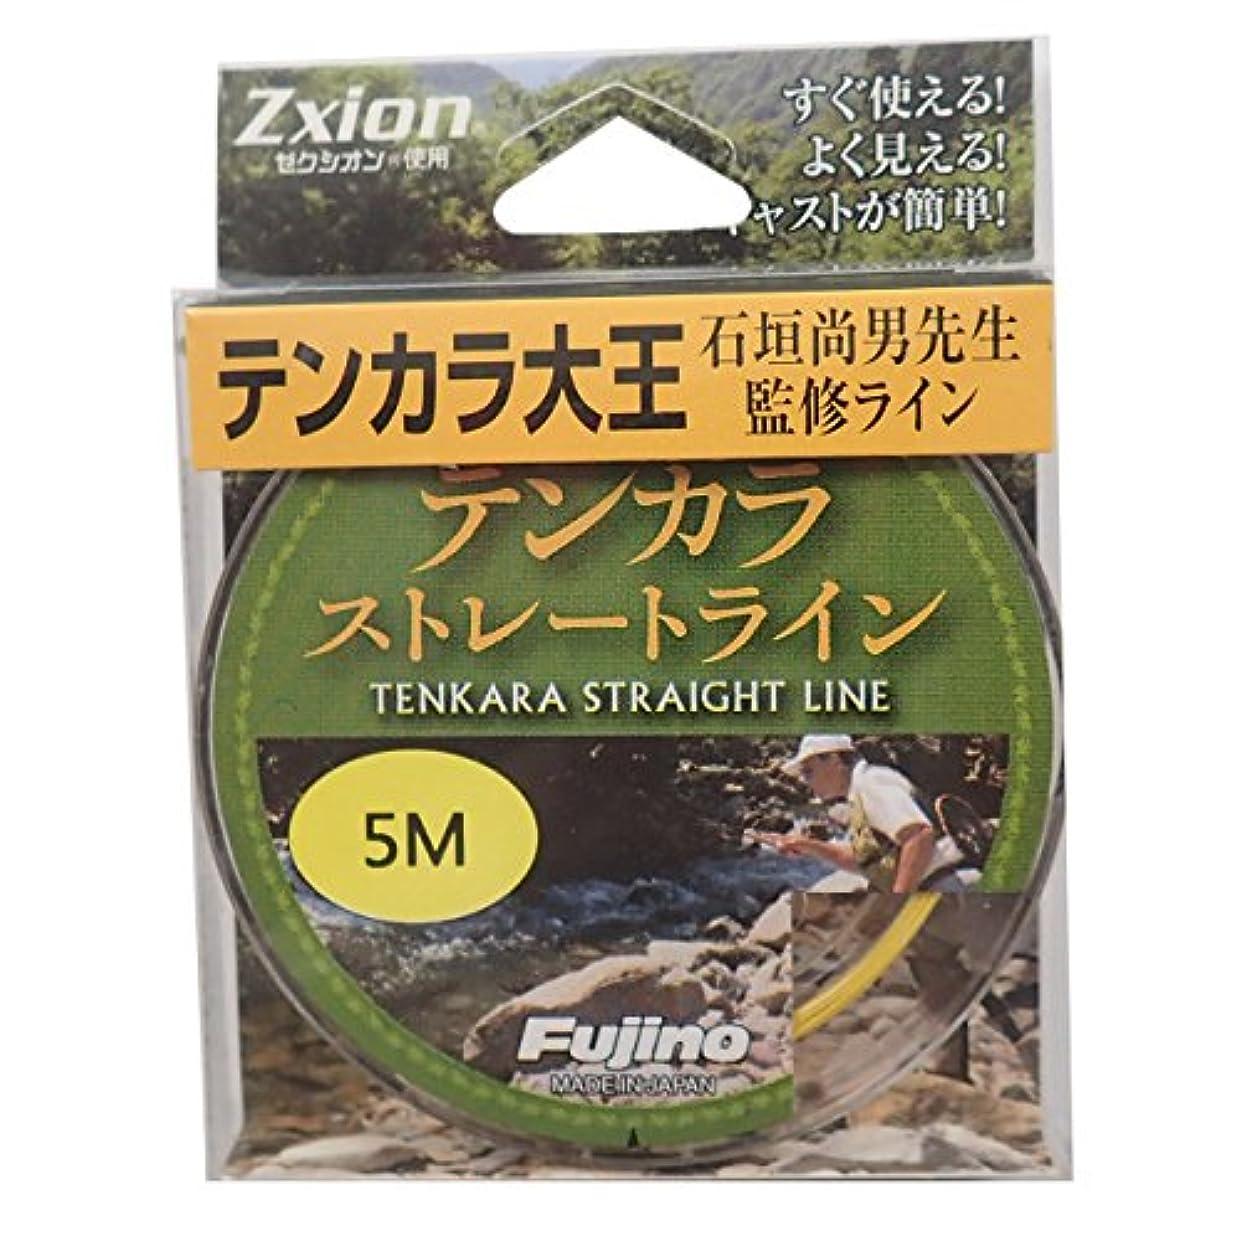 首相小麦粉雇用者Fujino(フジノ) テンカラライン テンカラストレートライン ゼクシオン(ポリアリレート)?ナイロン 4.5m イエロー K-26